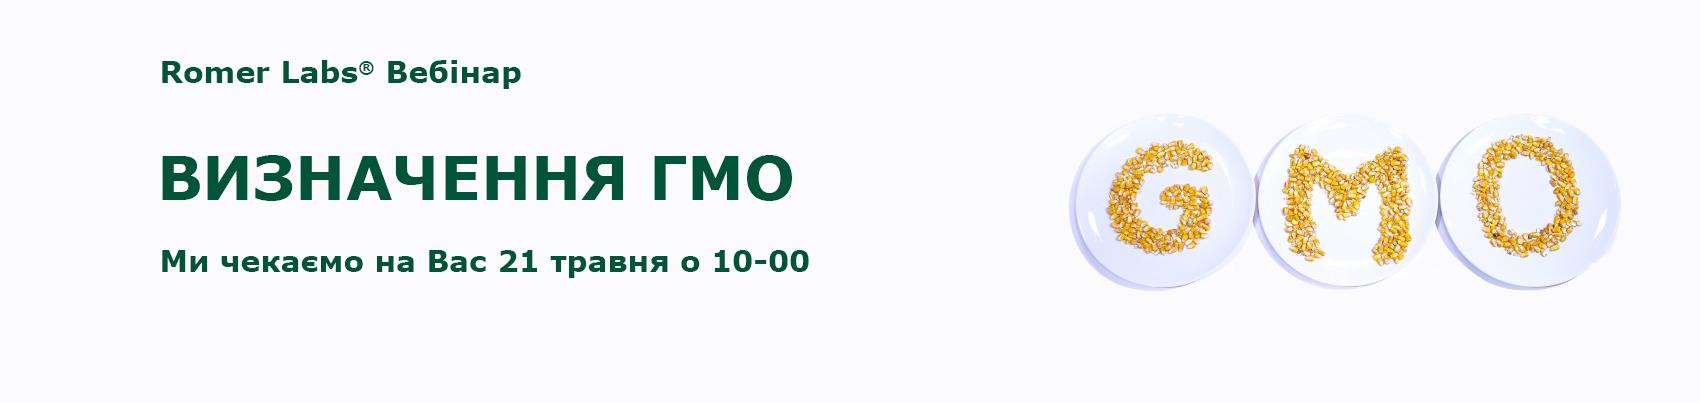 LP_Header_GMO_Ukraine-1